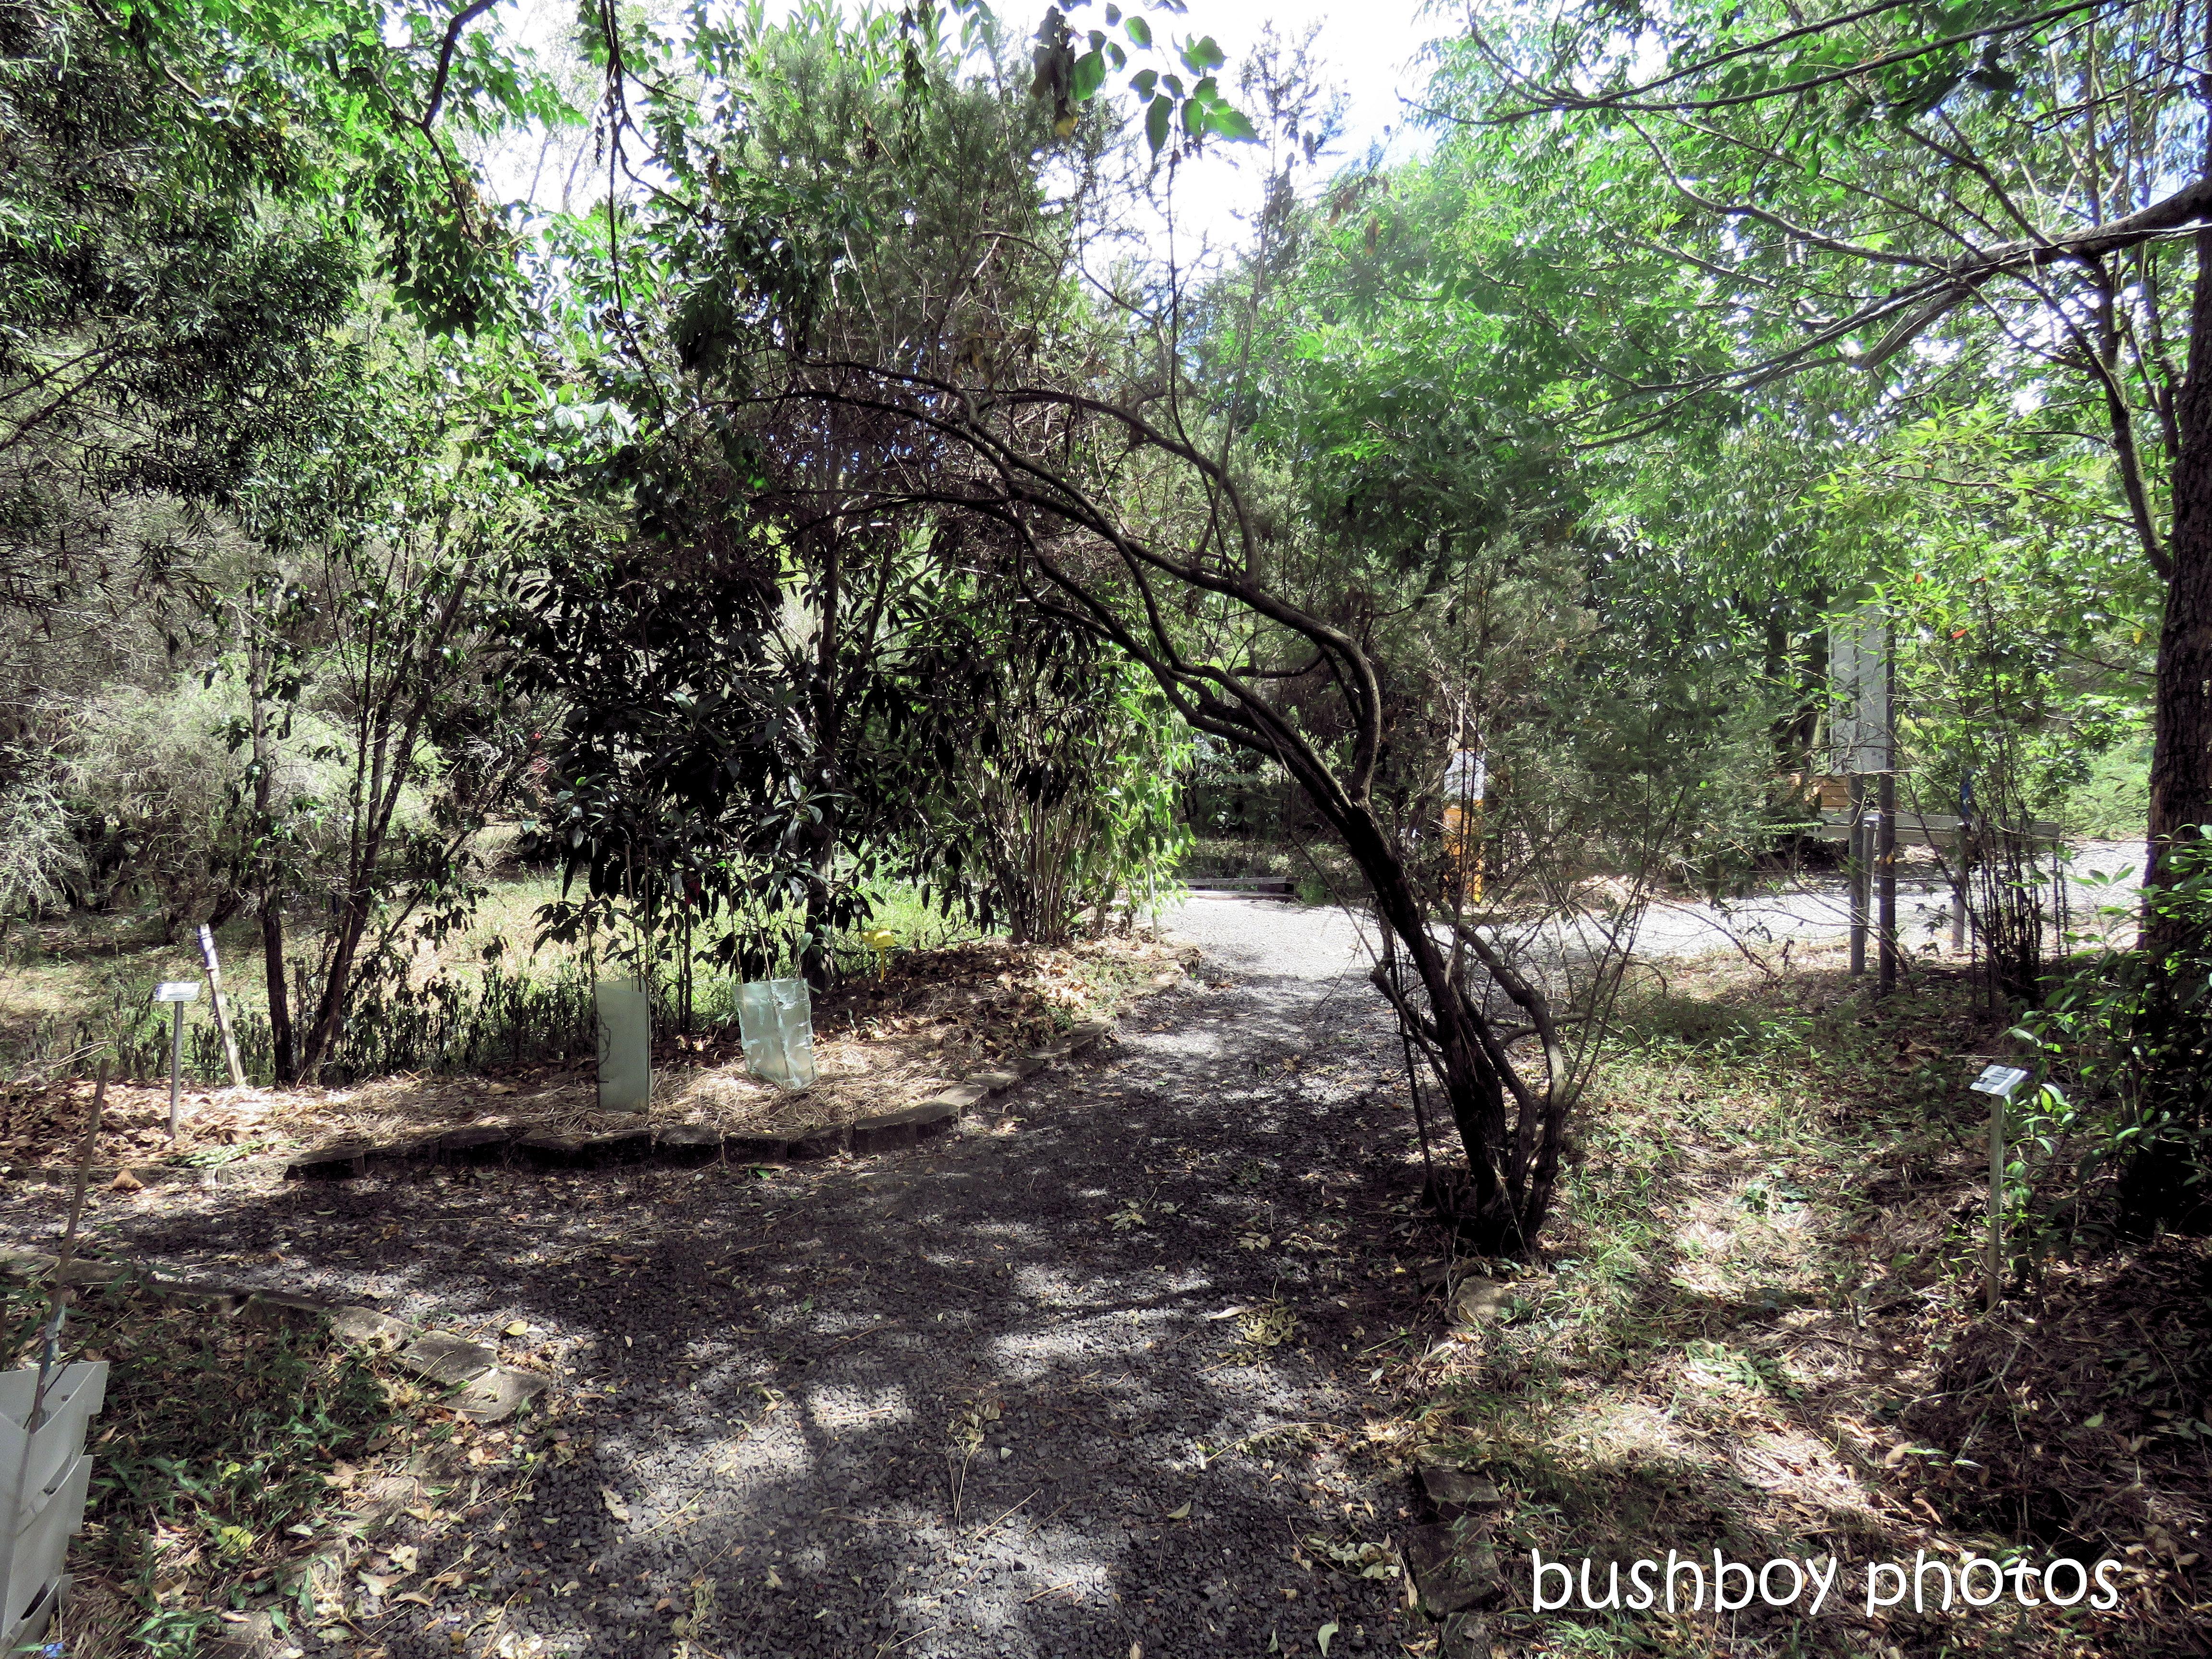 lismore_botanical_gardens_paths_bridges1_jan 2019 (1)